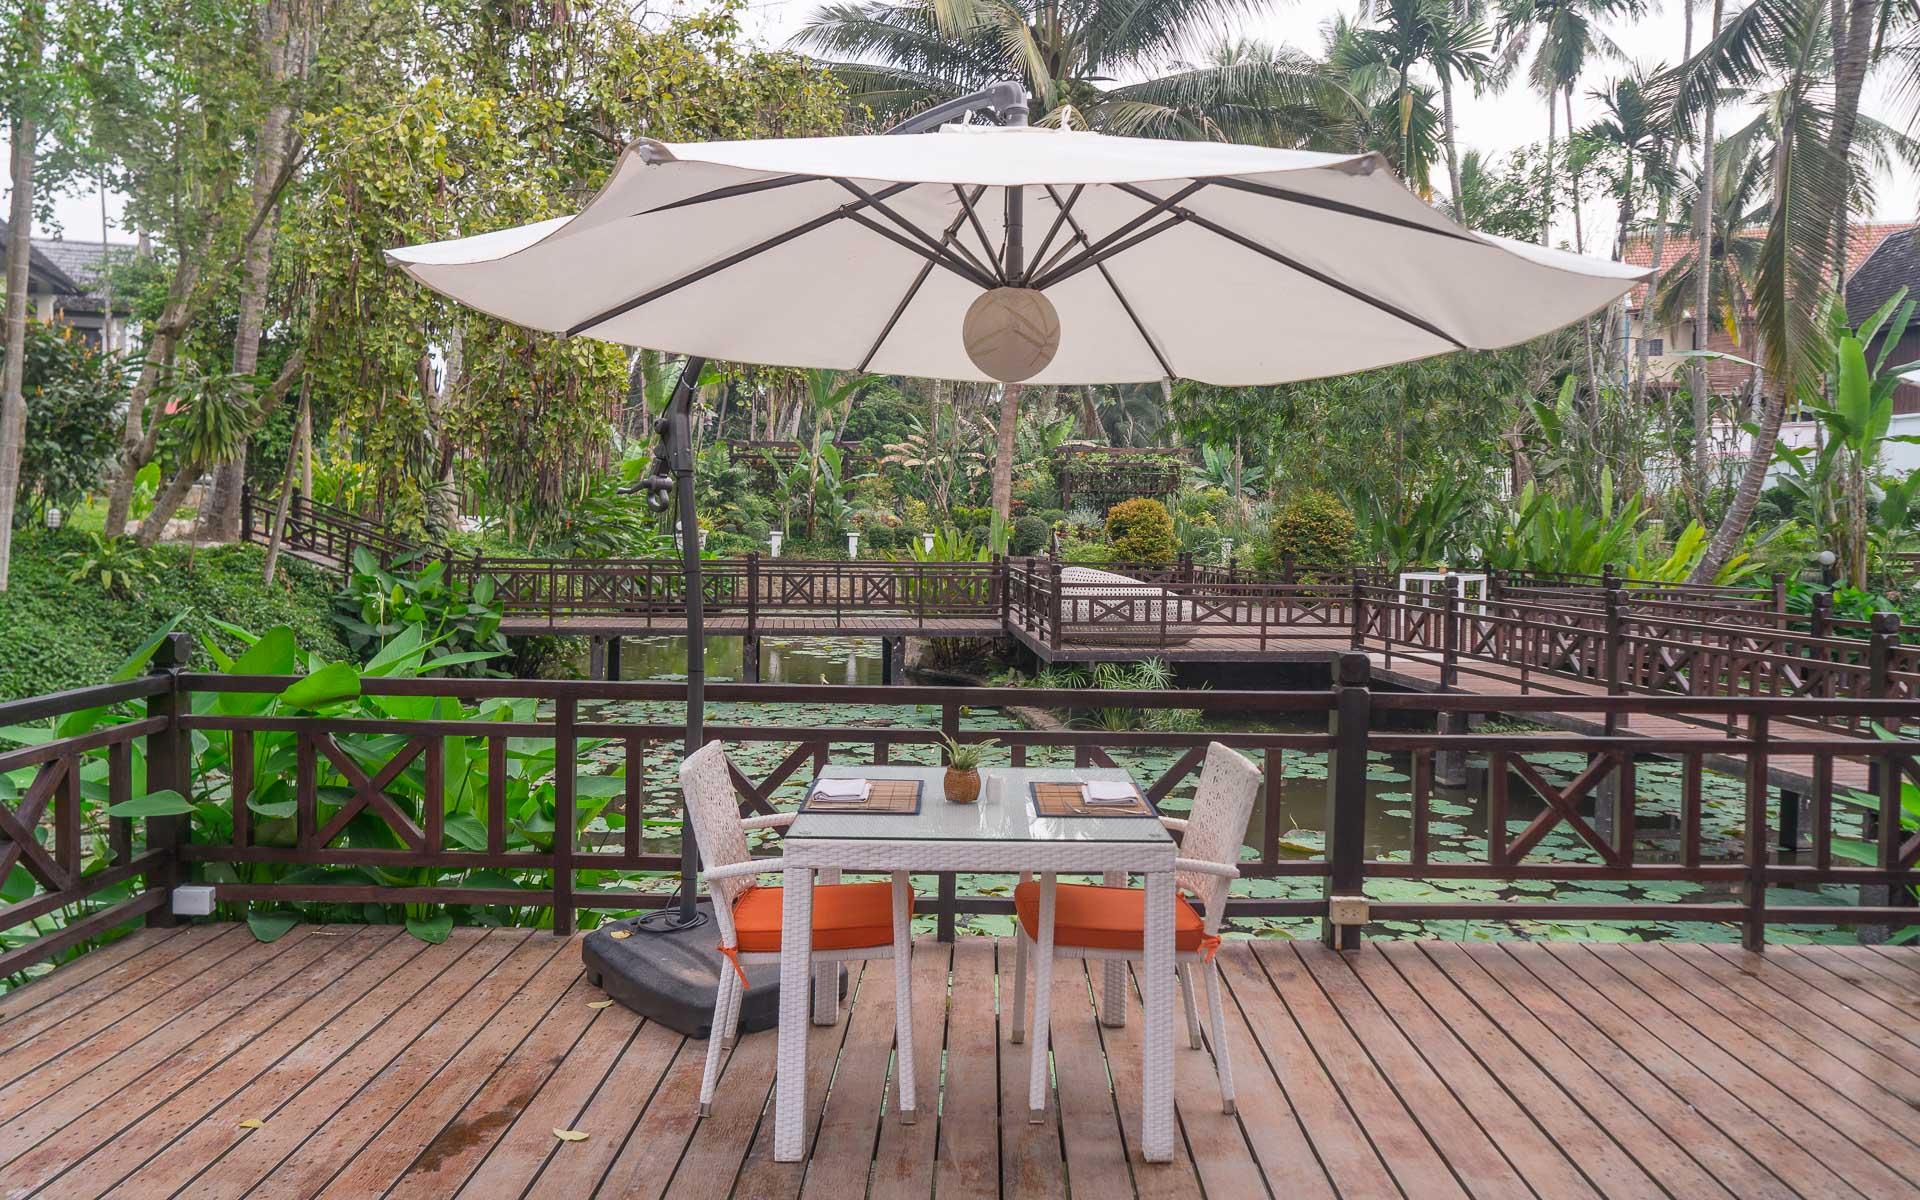 Lesvoyageuses-voyage-laos-luang-prabang-hotel-parasol-blanc-21